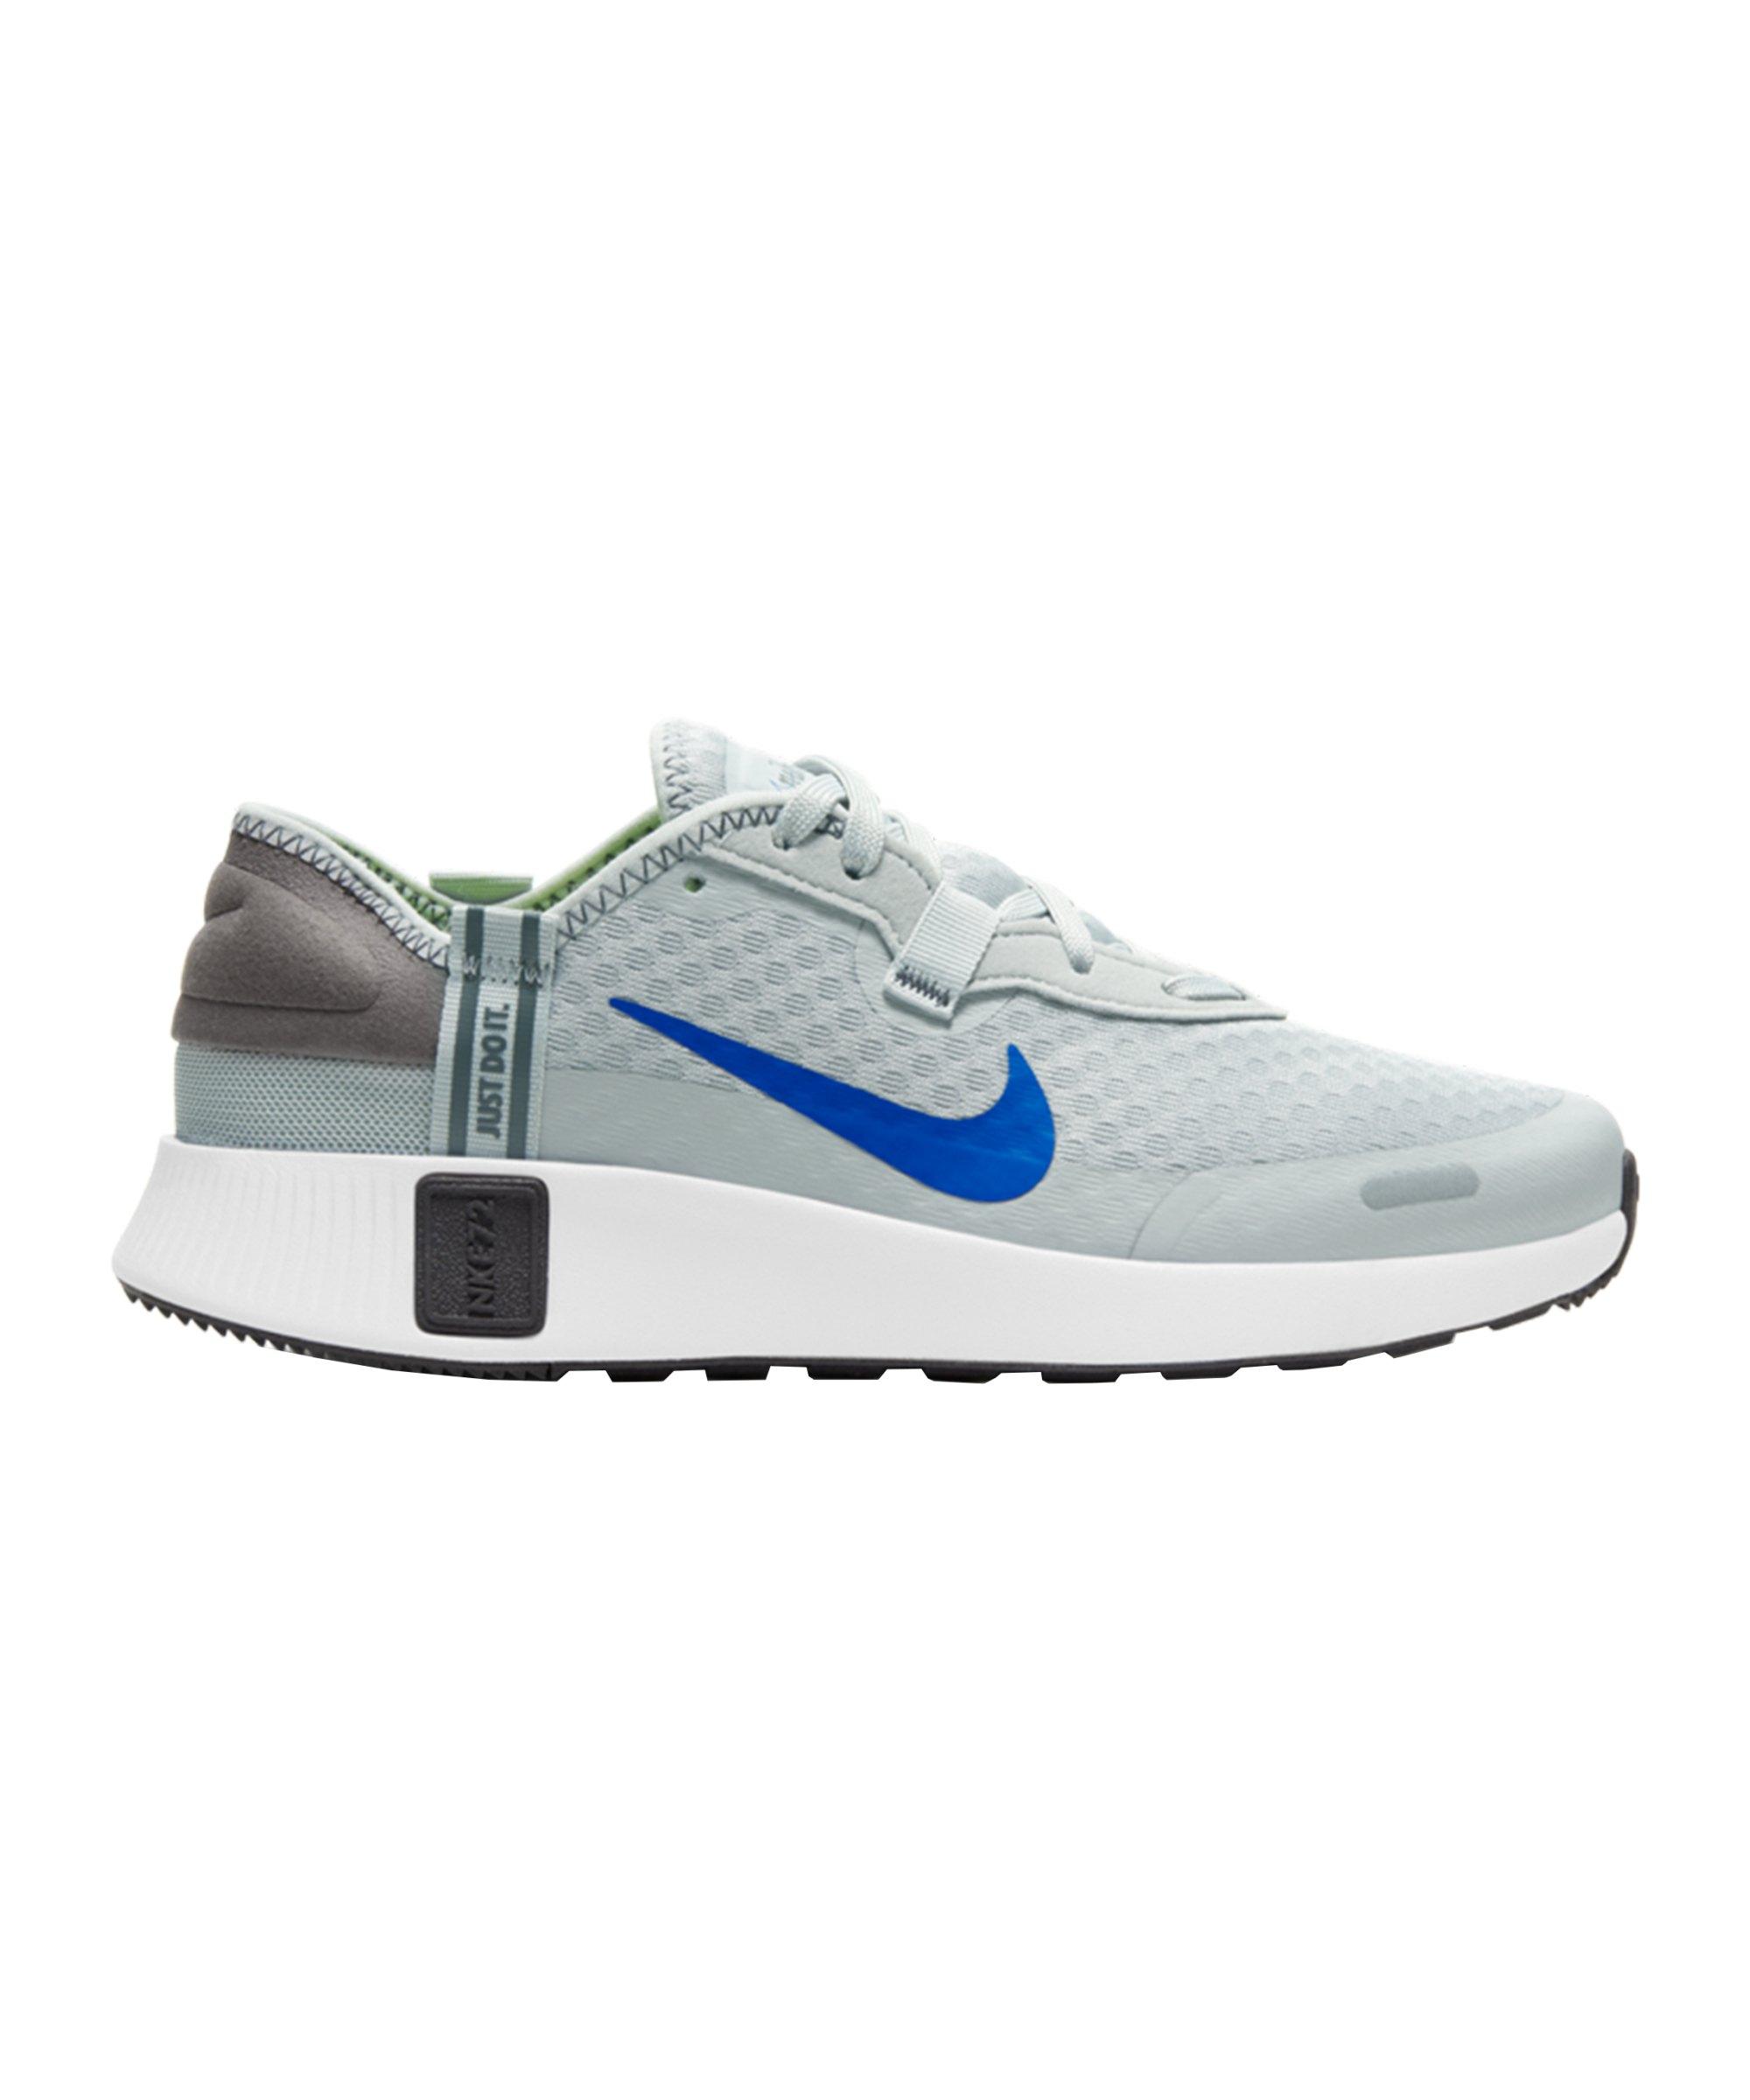 Nike Reposto Kids (GS) Grau F005 - grau